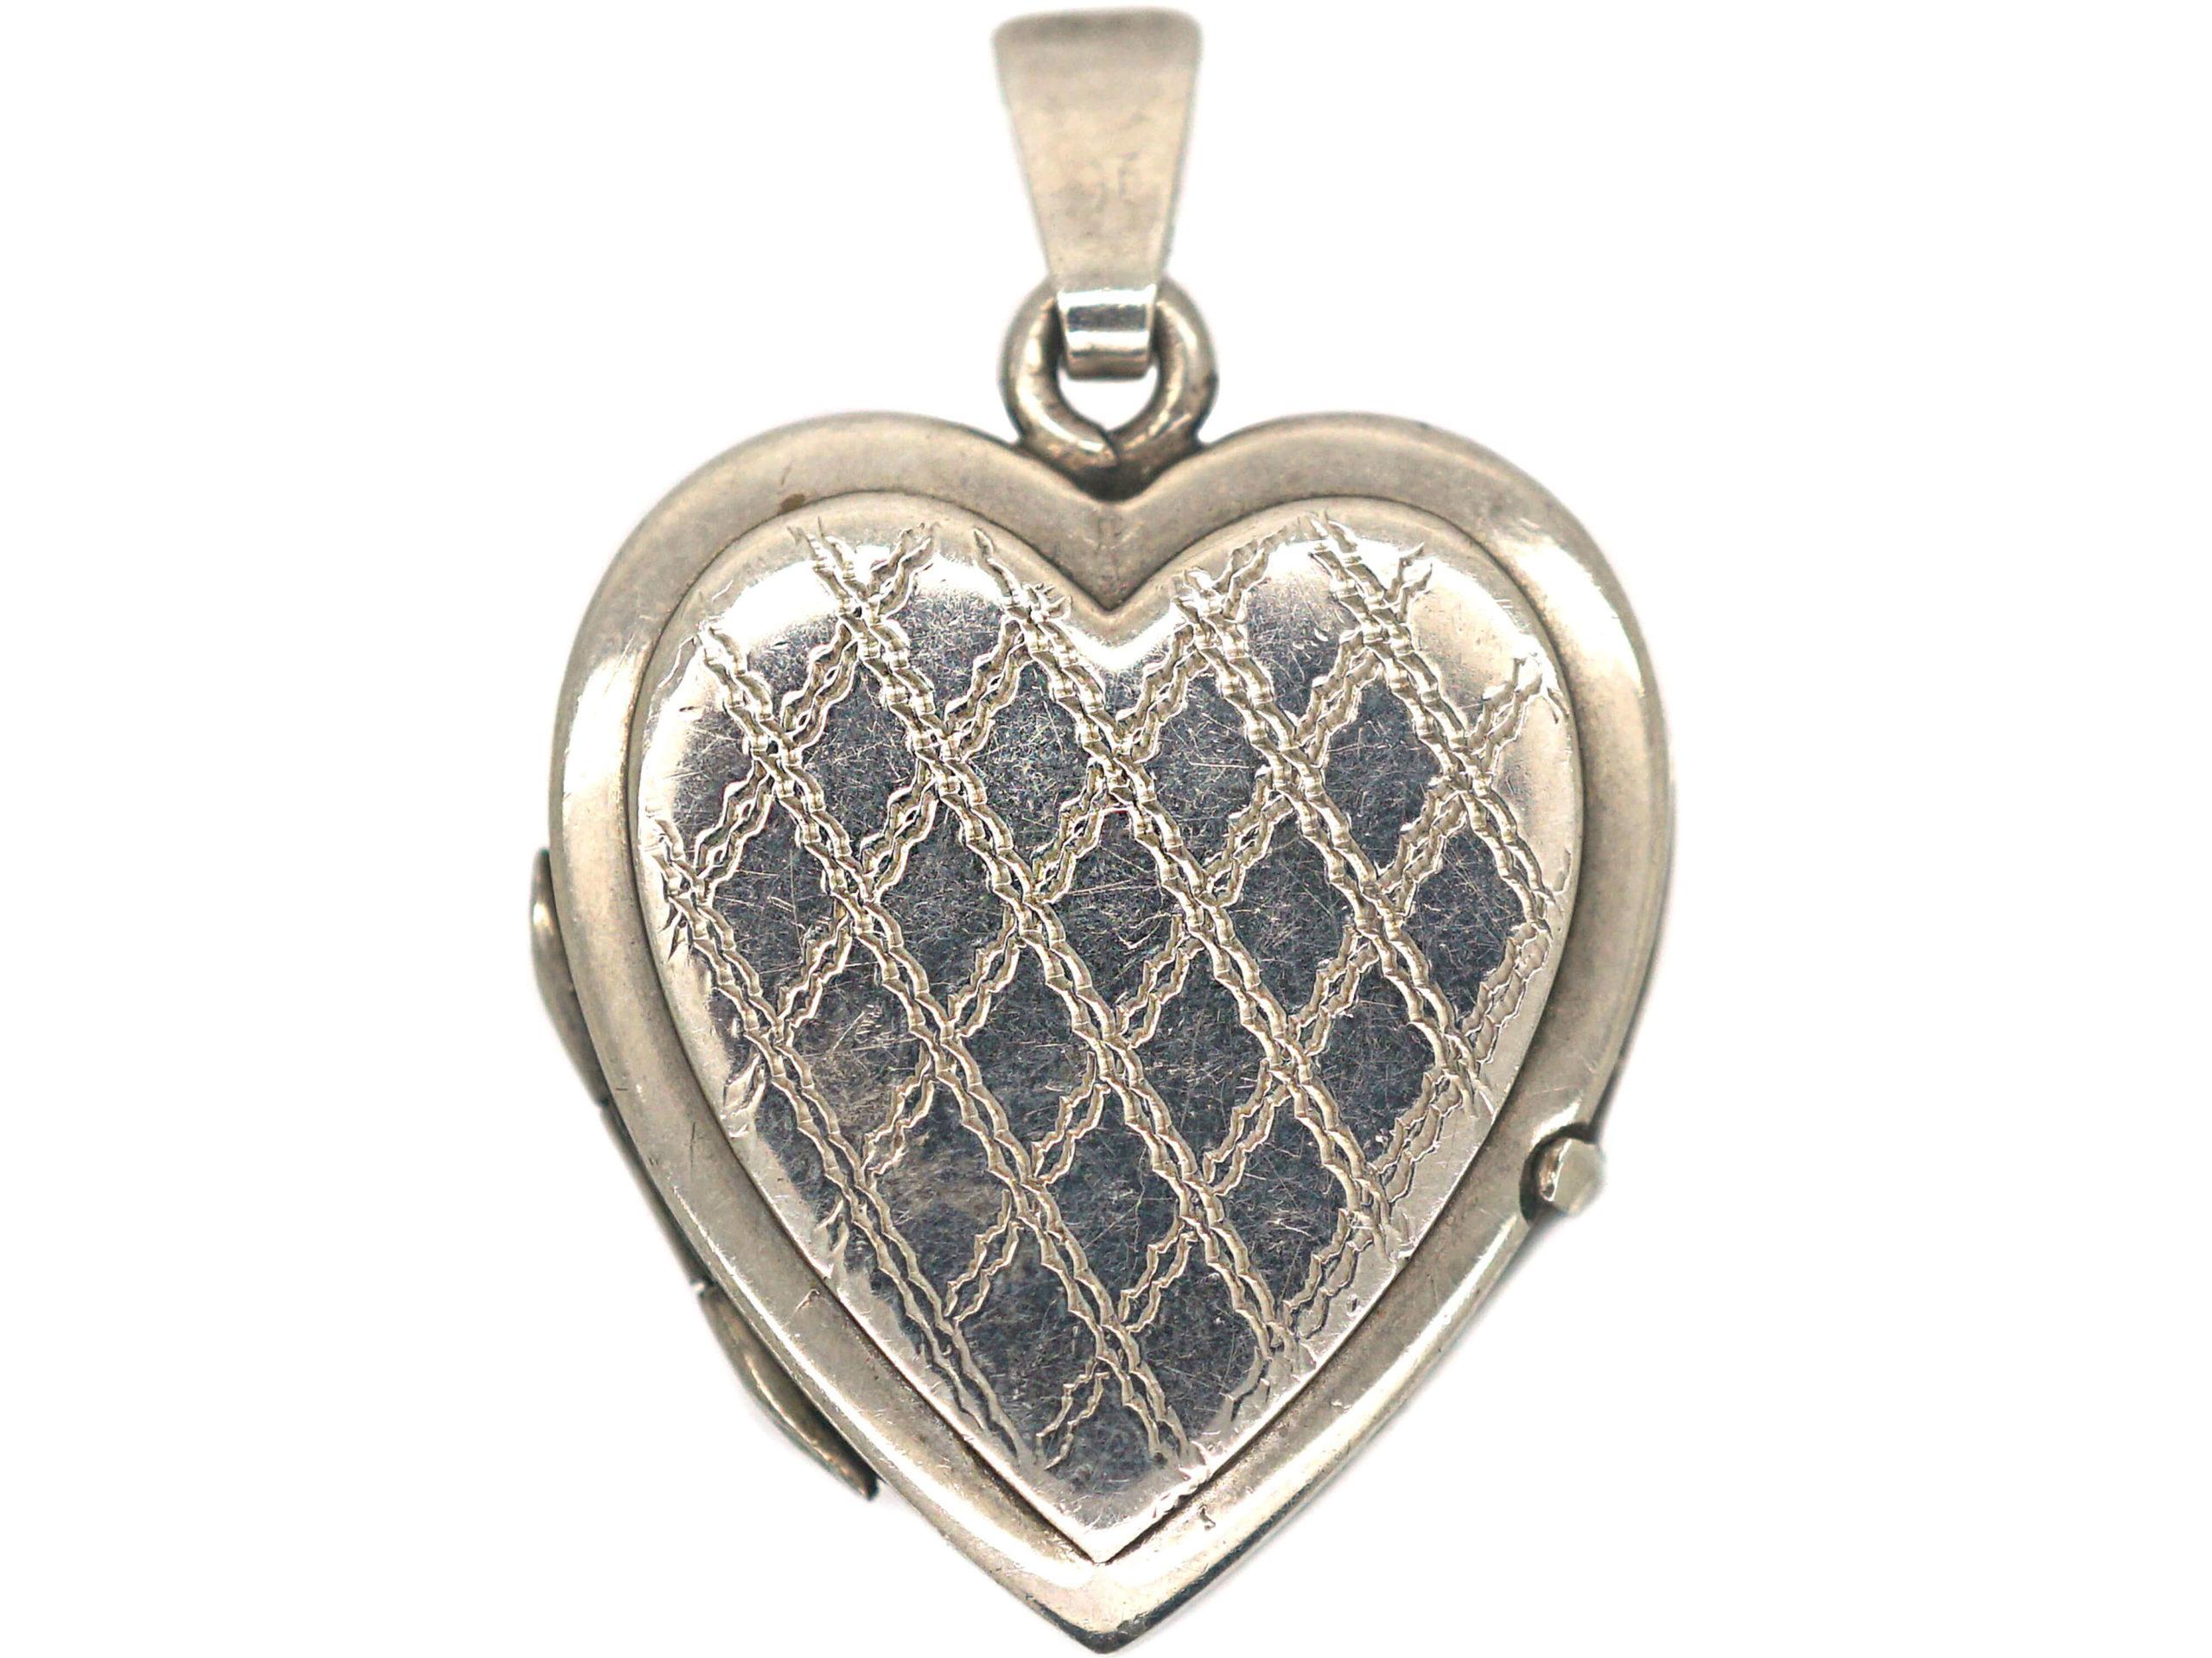 1970s Silver Heart Shaped Locket